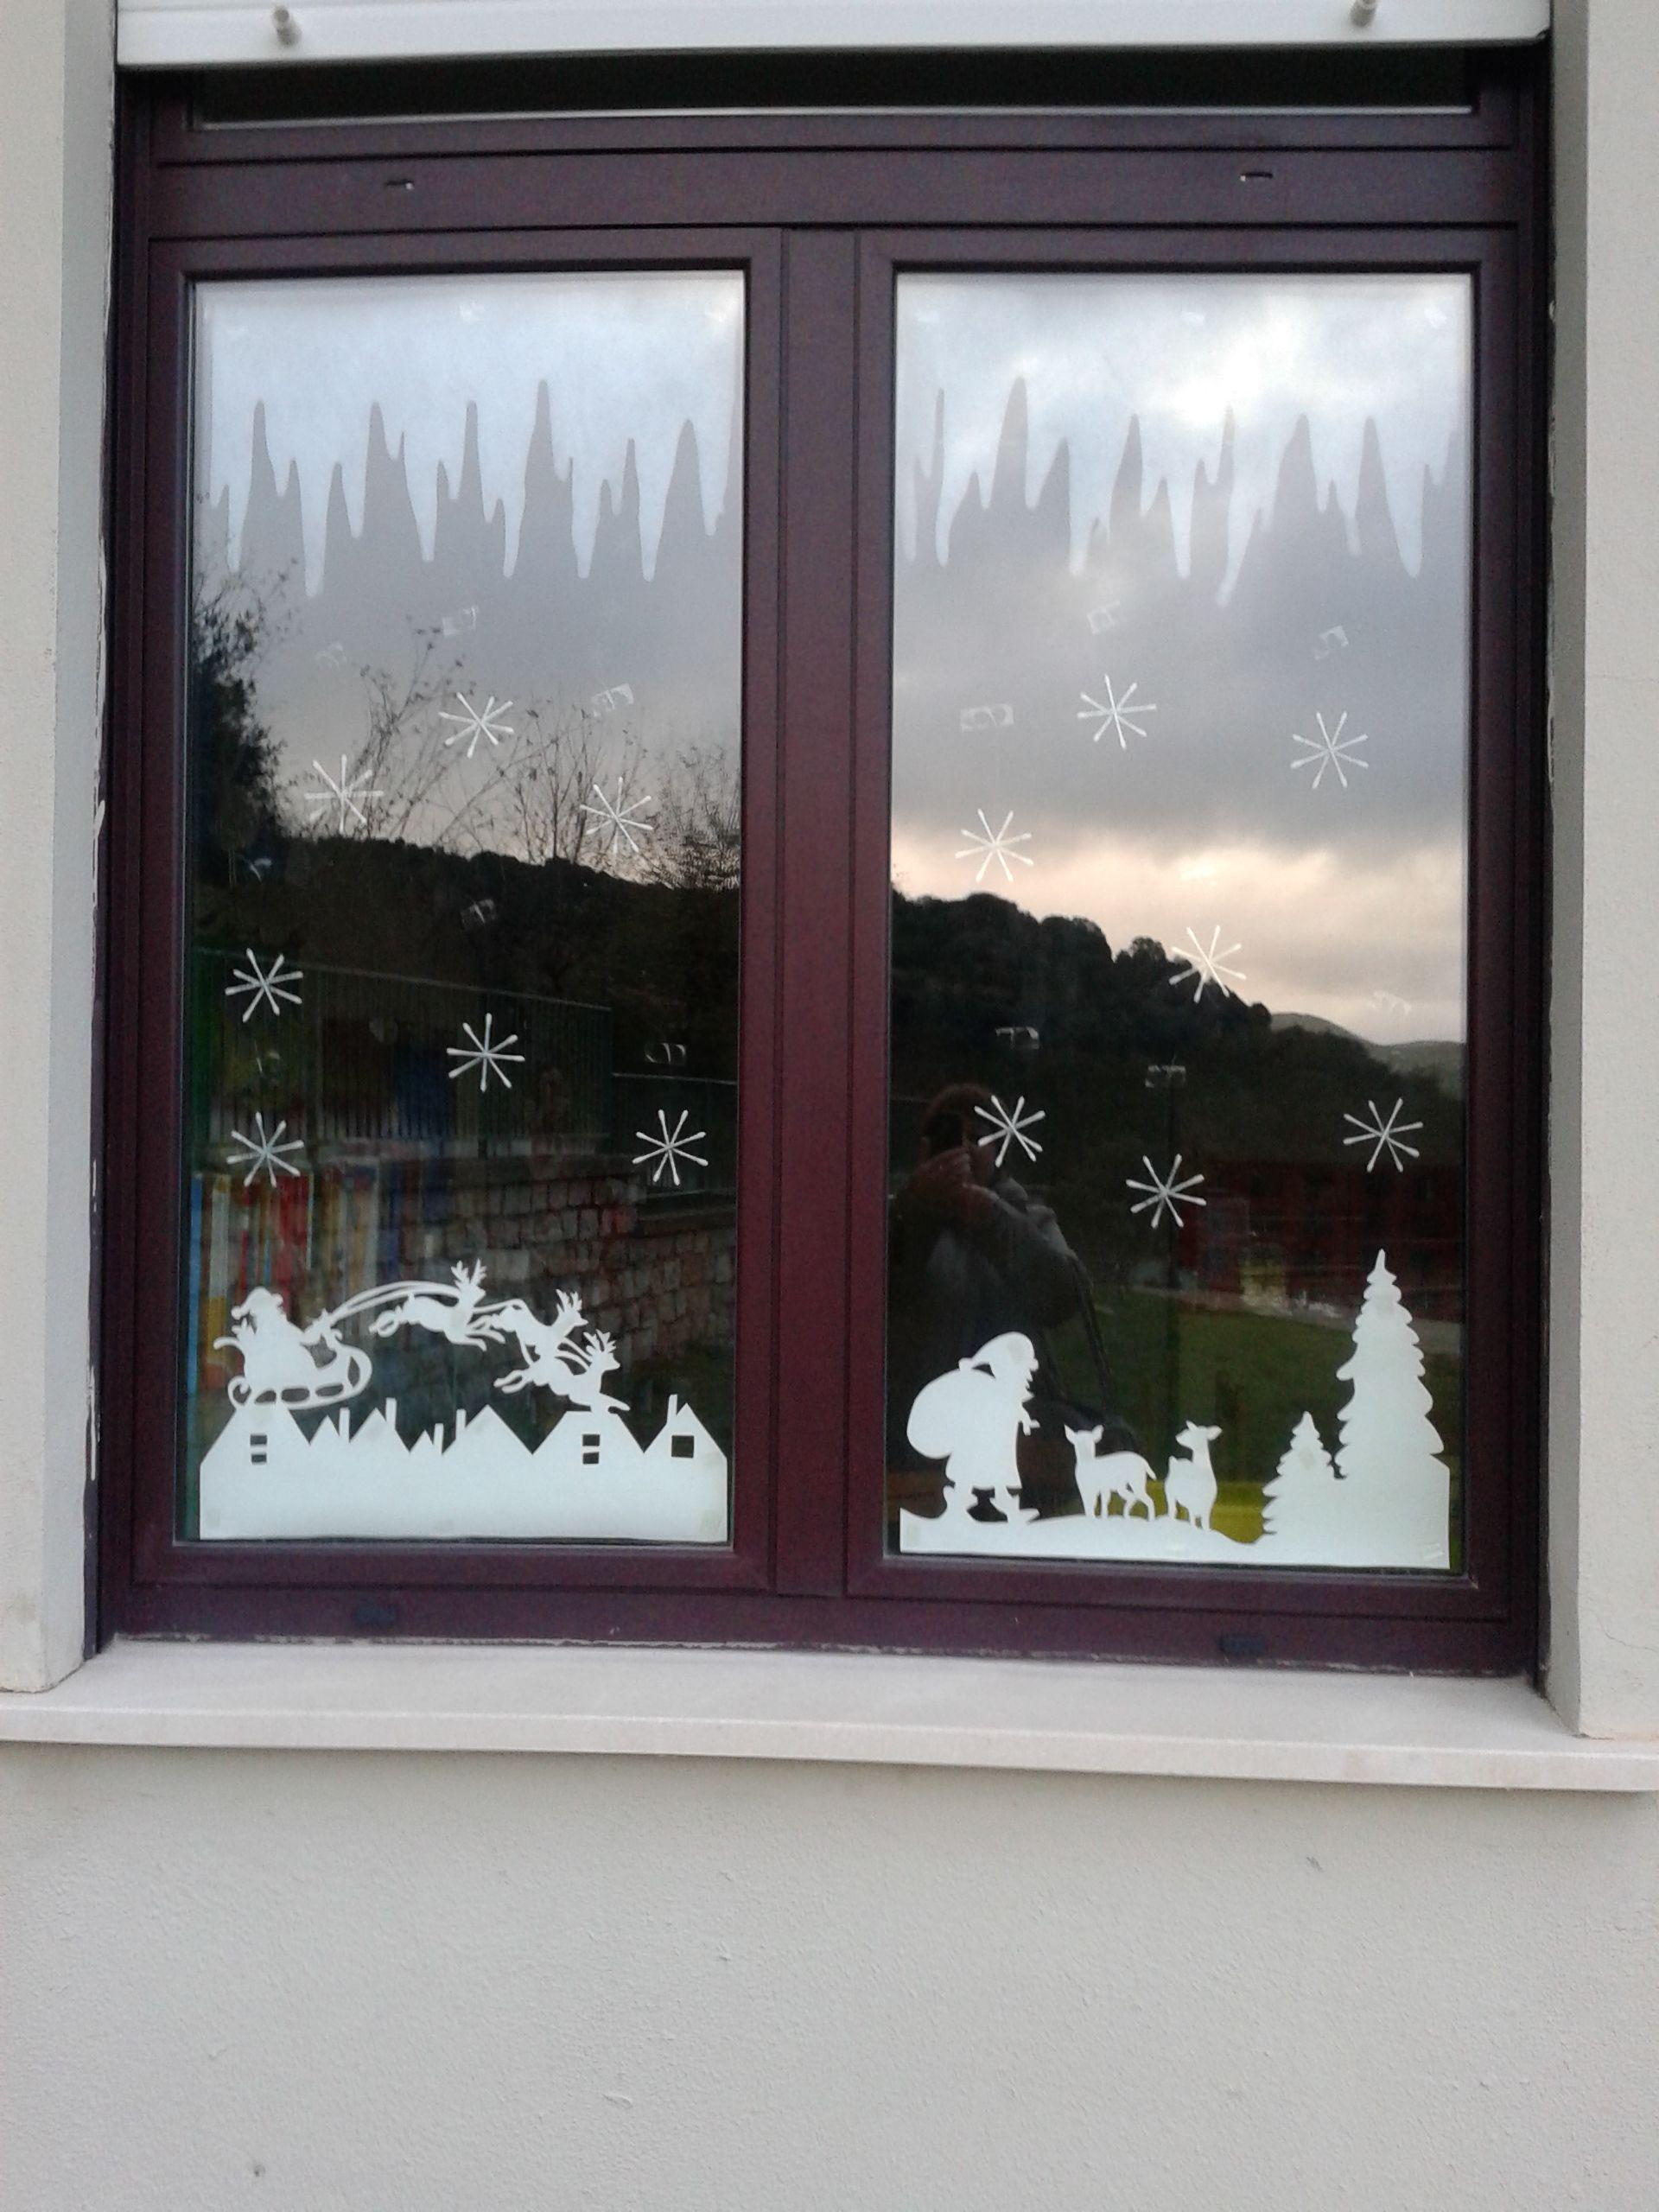 Decorare Finestre Per Natale Scuola finestra per natale a scuola | decorazioni autunnali